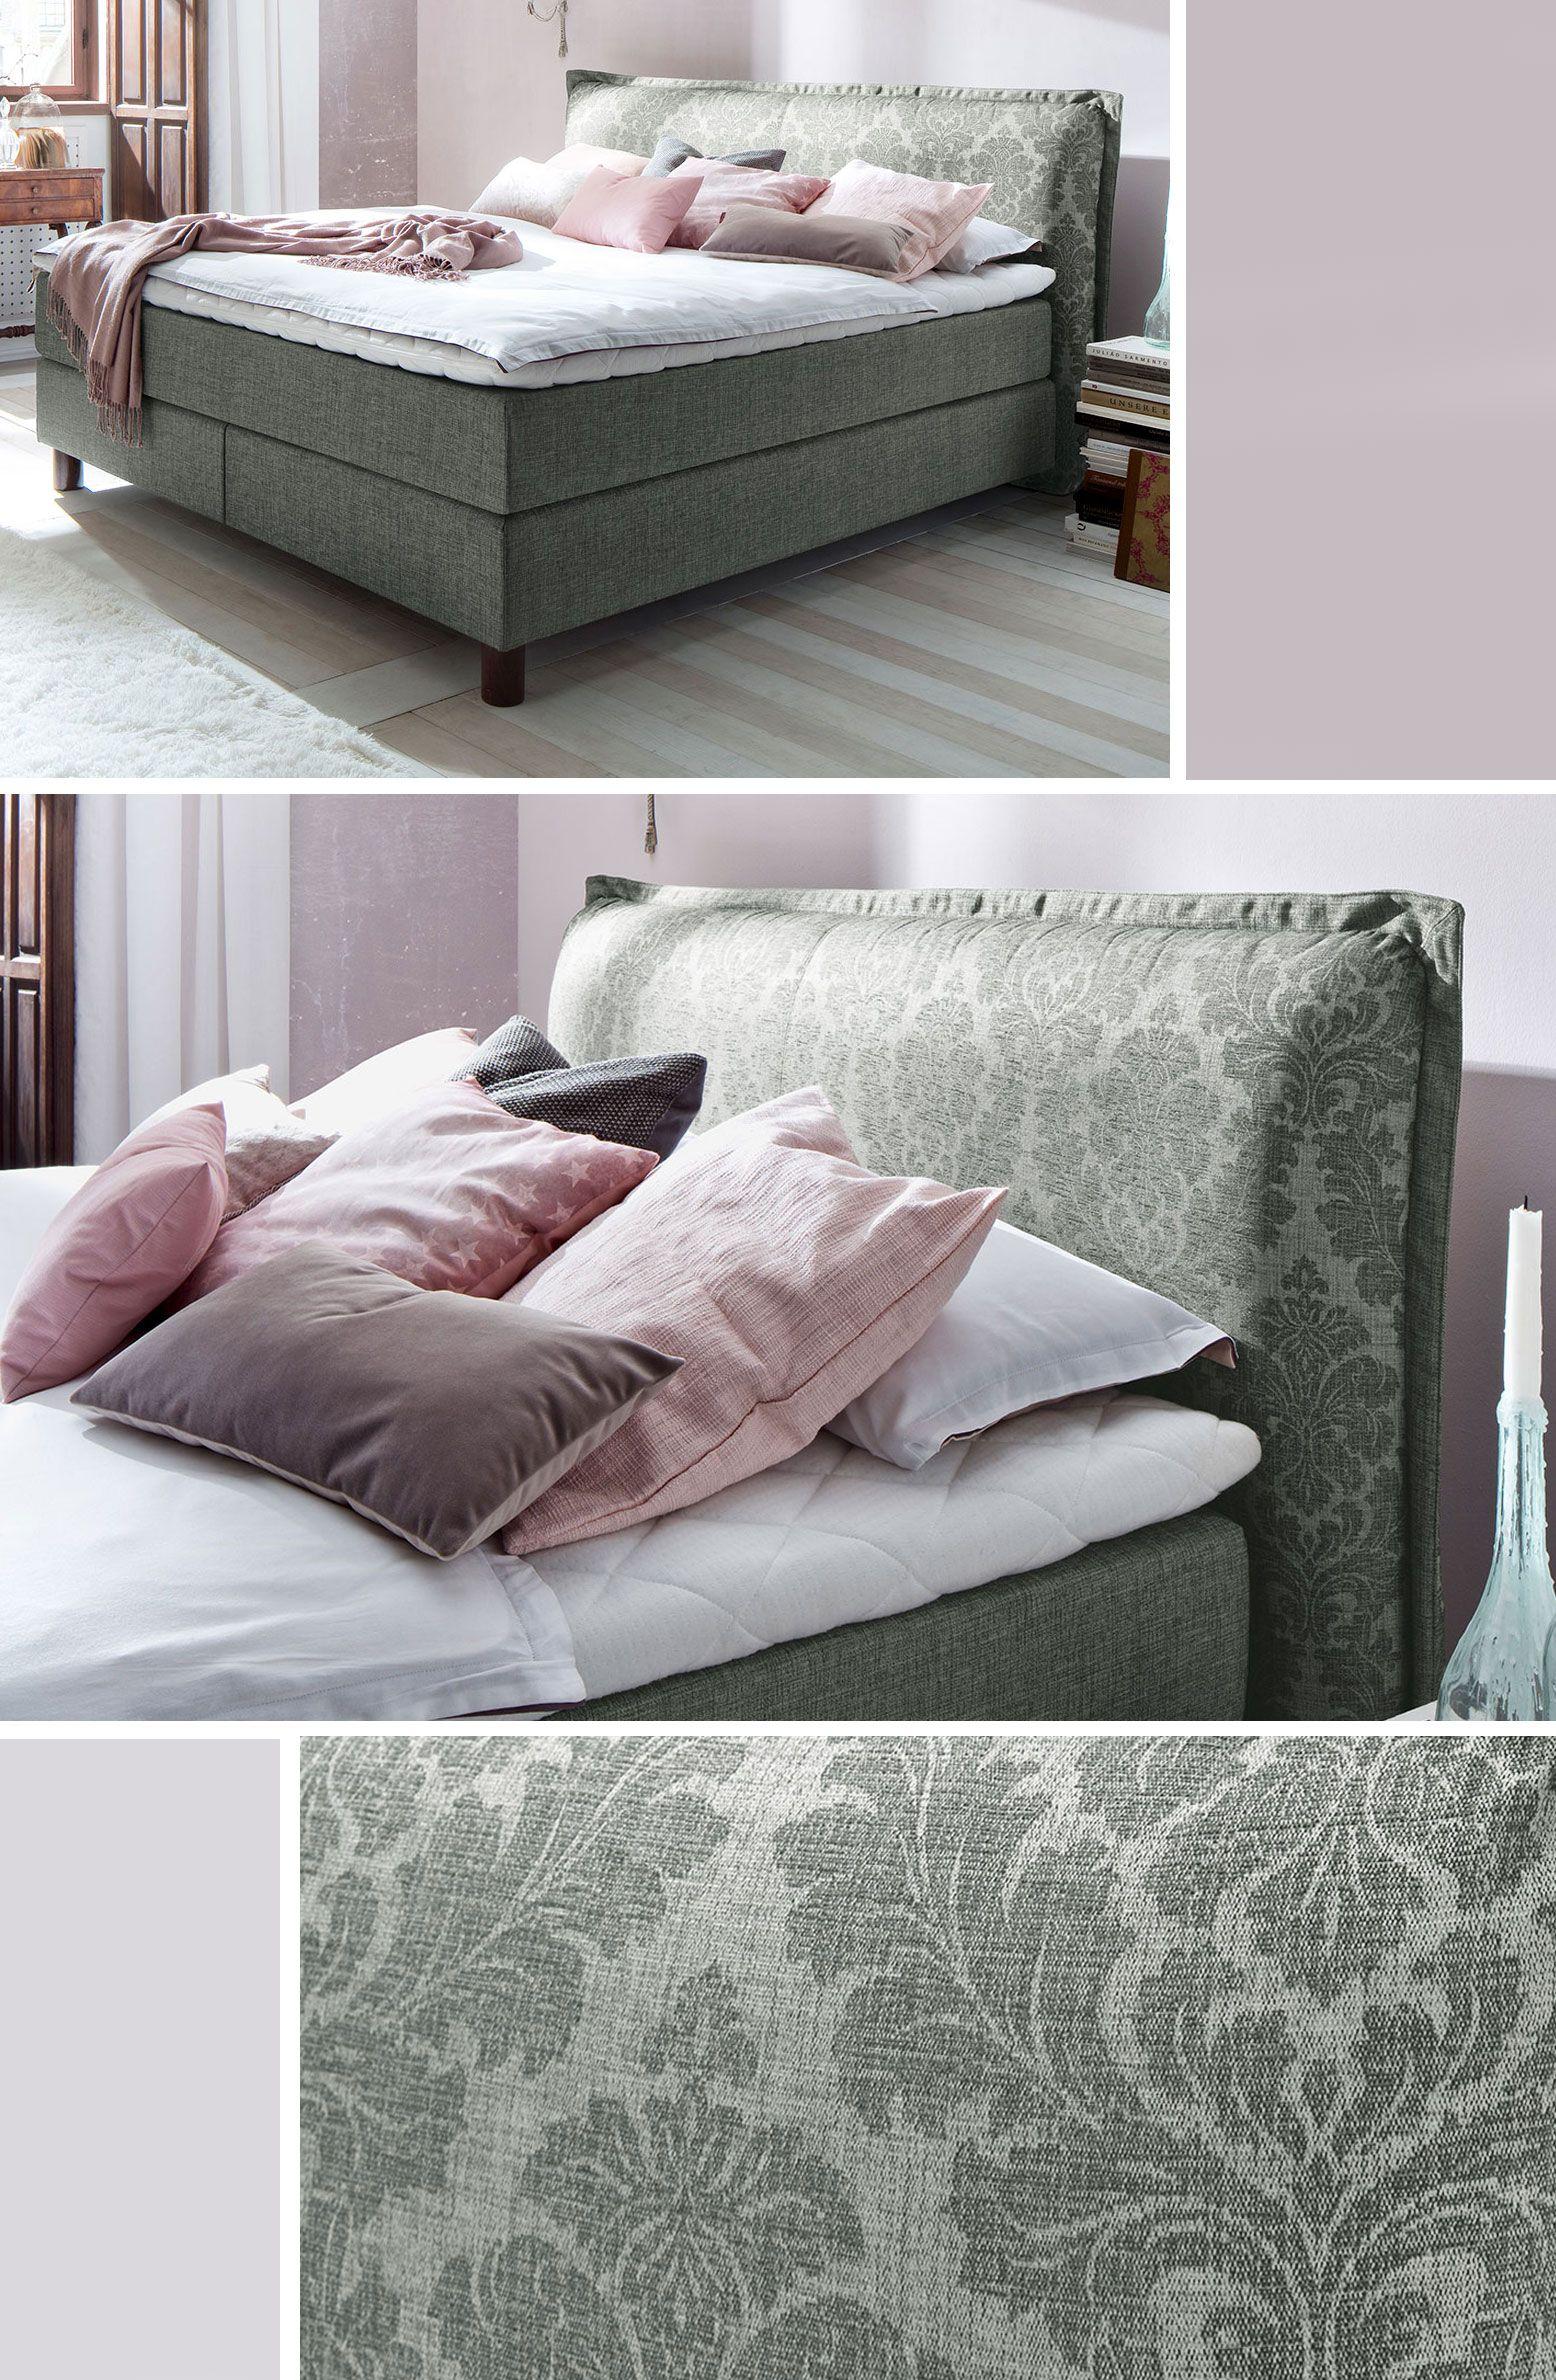 royales boxspringbett mit tollem kopfteil f nf verschiedene farbkombinationen stehen zur. Black Bedroom Furniture Sets. Home Design Ideas